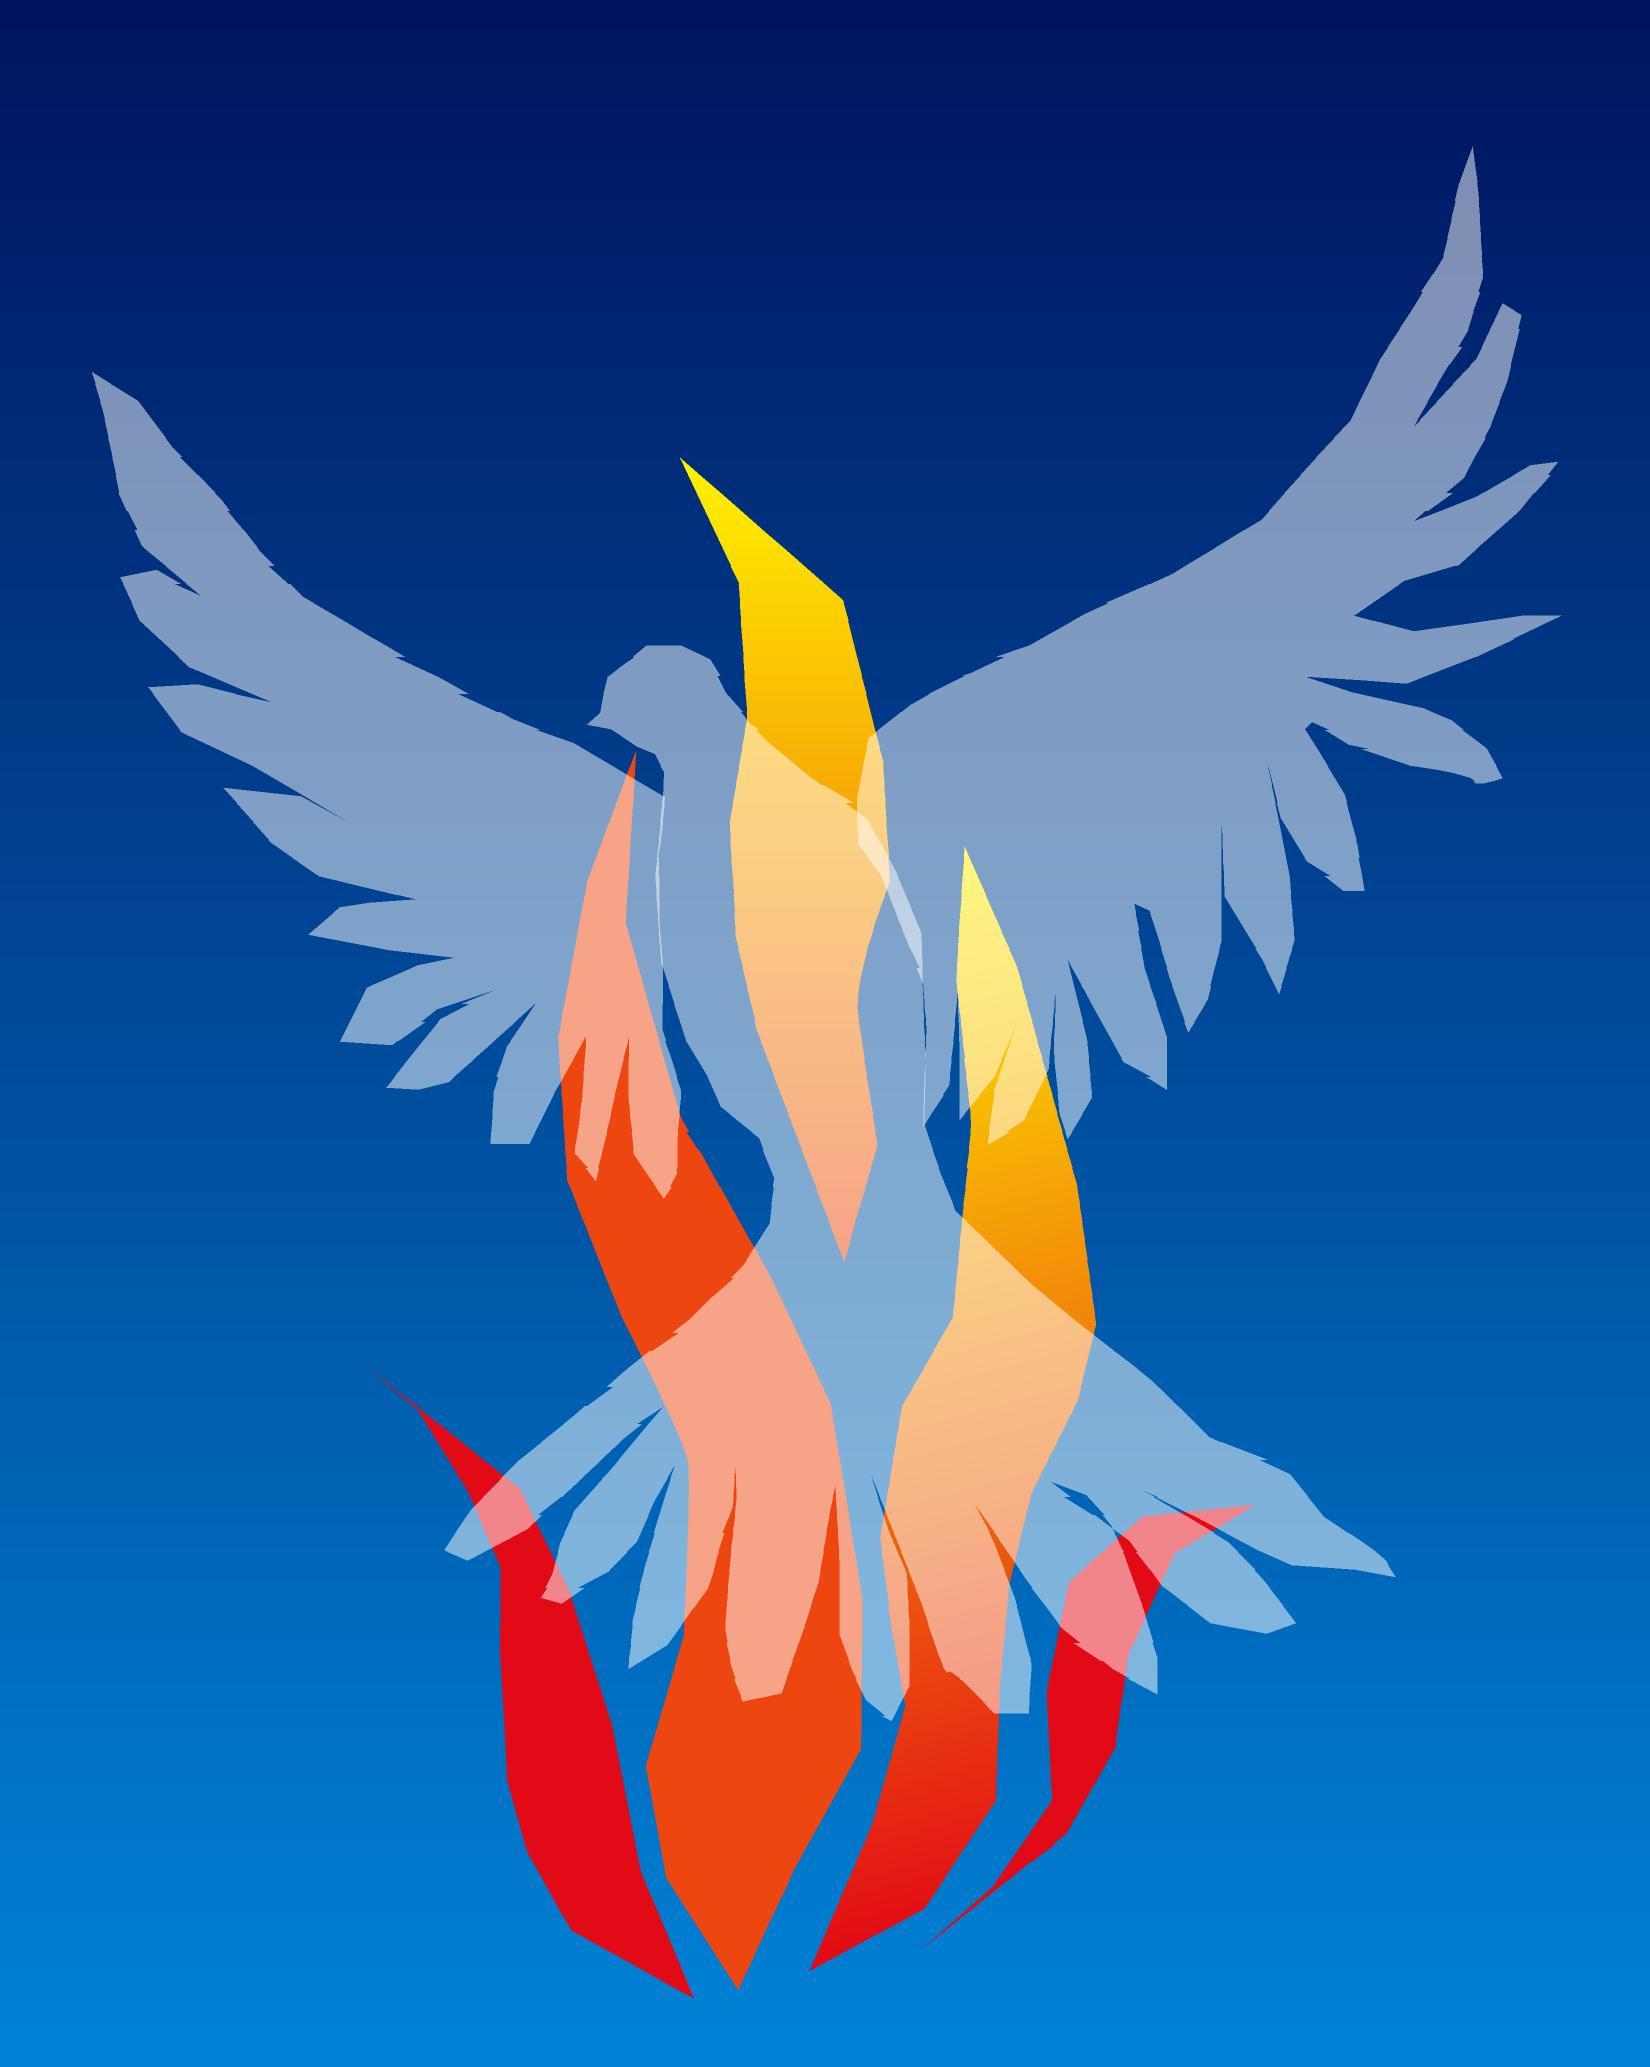 Favorito Rinnovamento nello Spirito - San Gabriele dell'Addolorata - Roma UB71